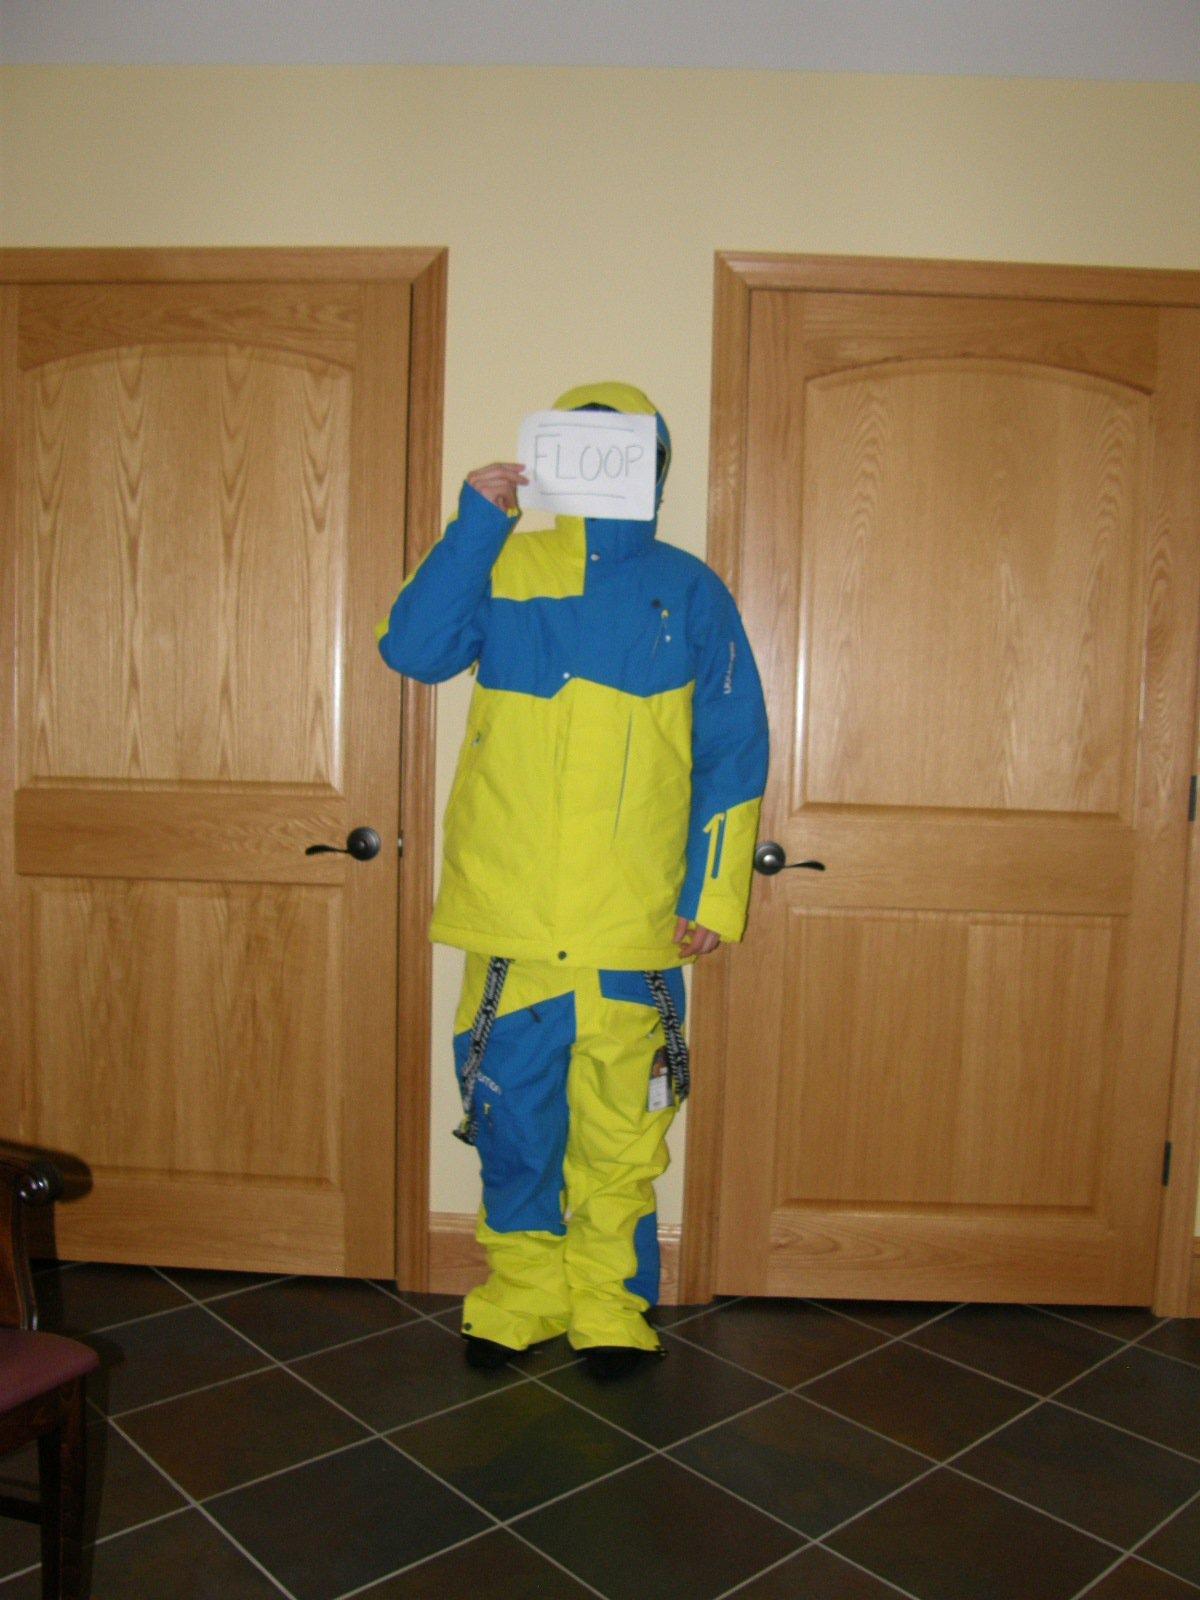 Reflex suit